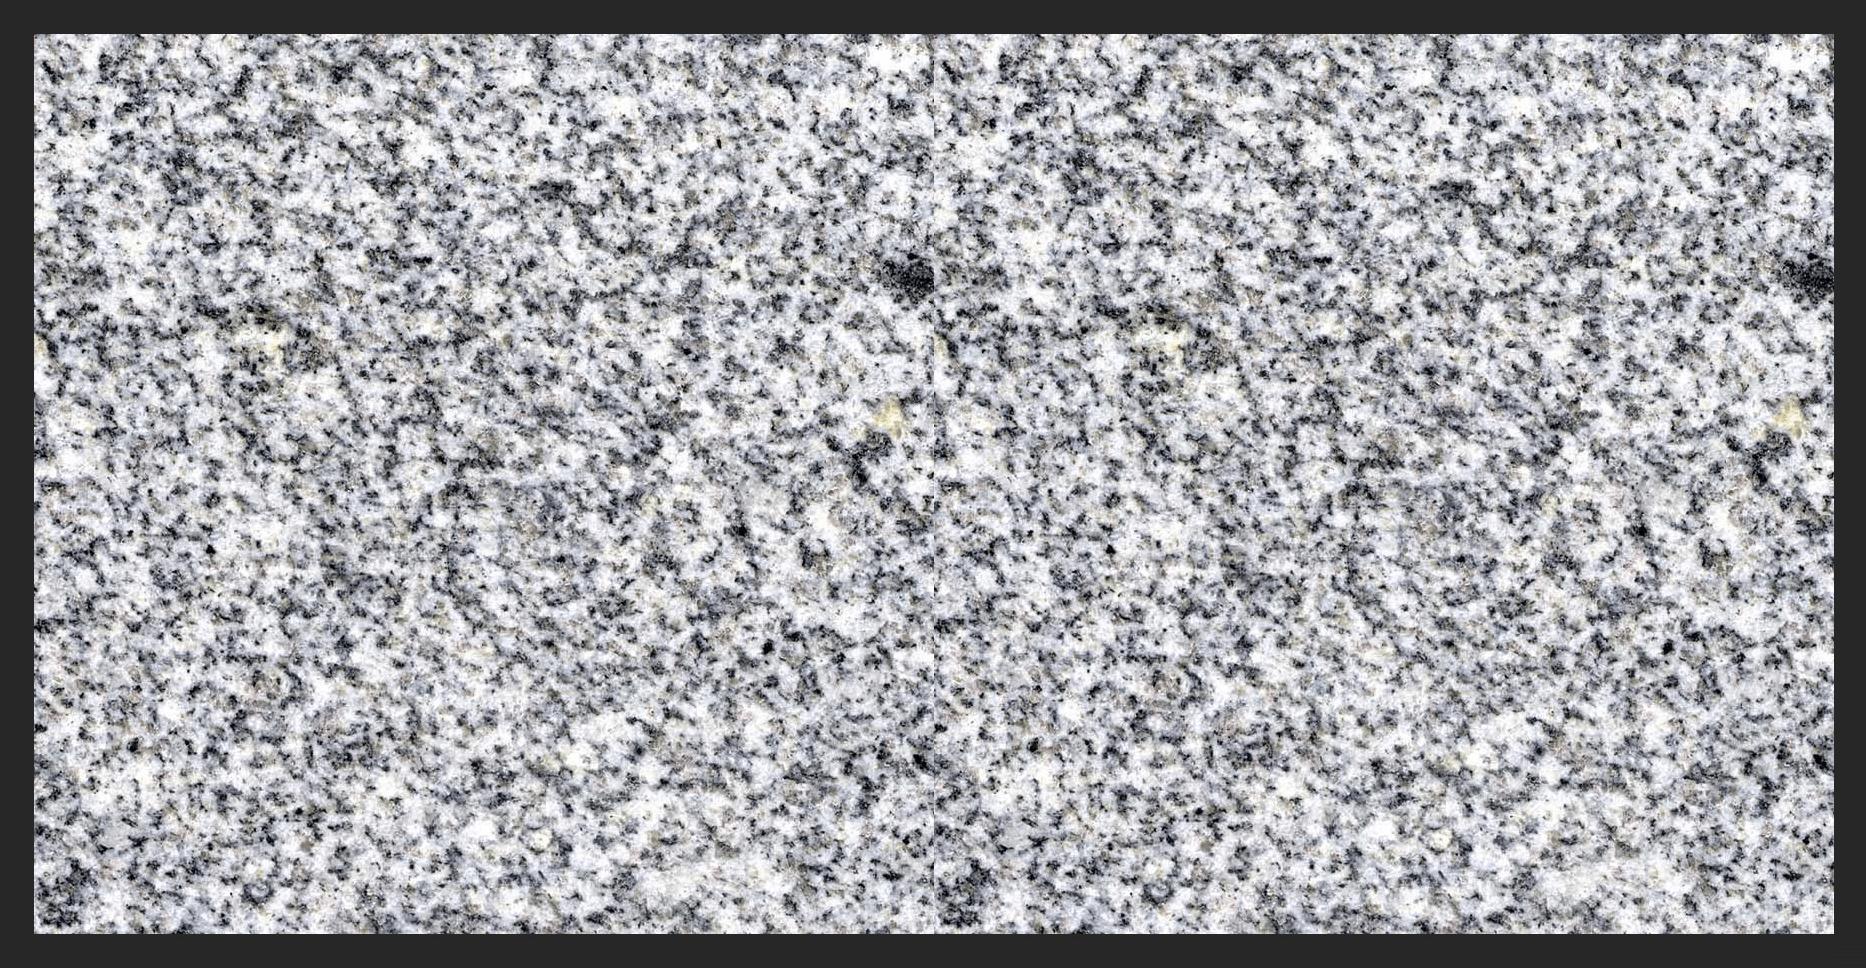 текстура гранита в фотошопе